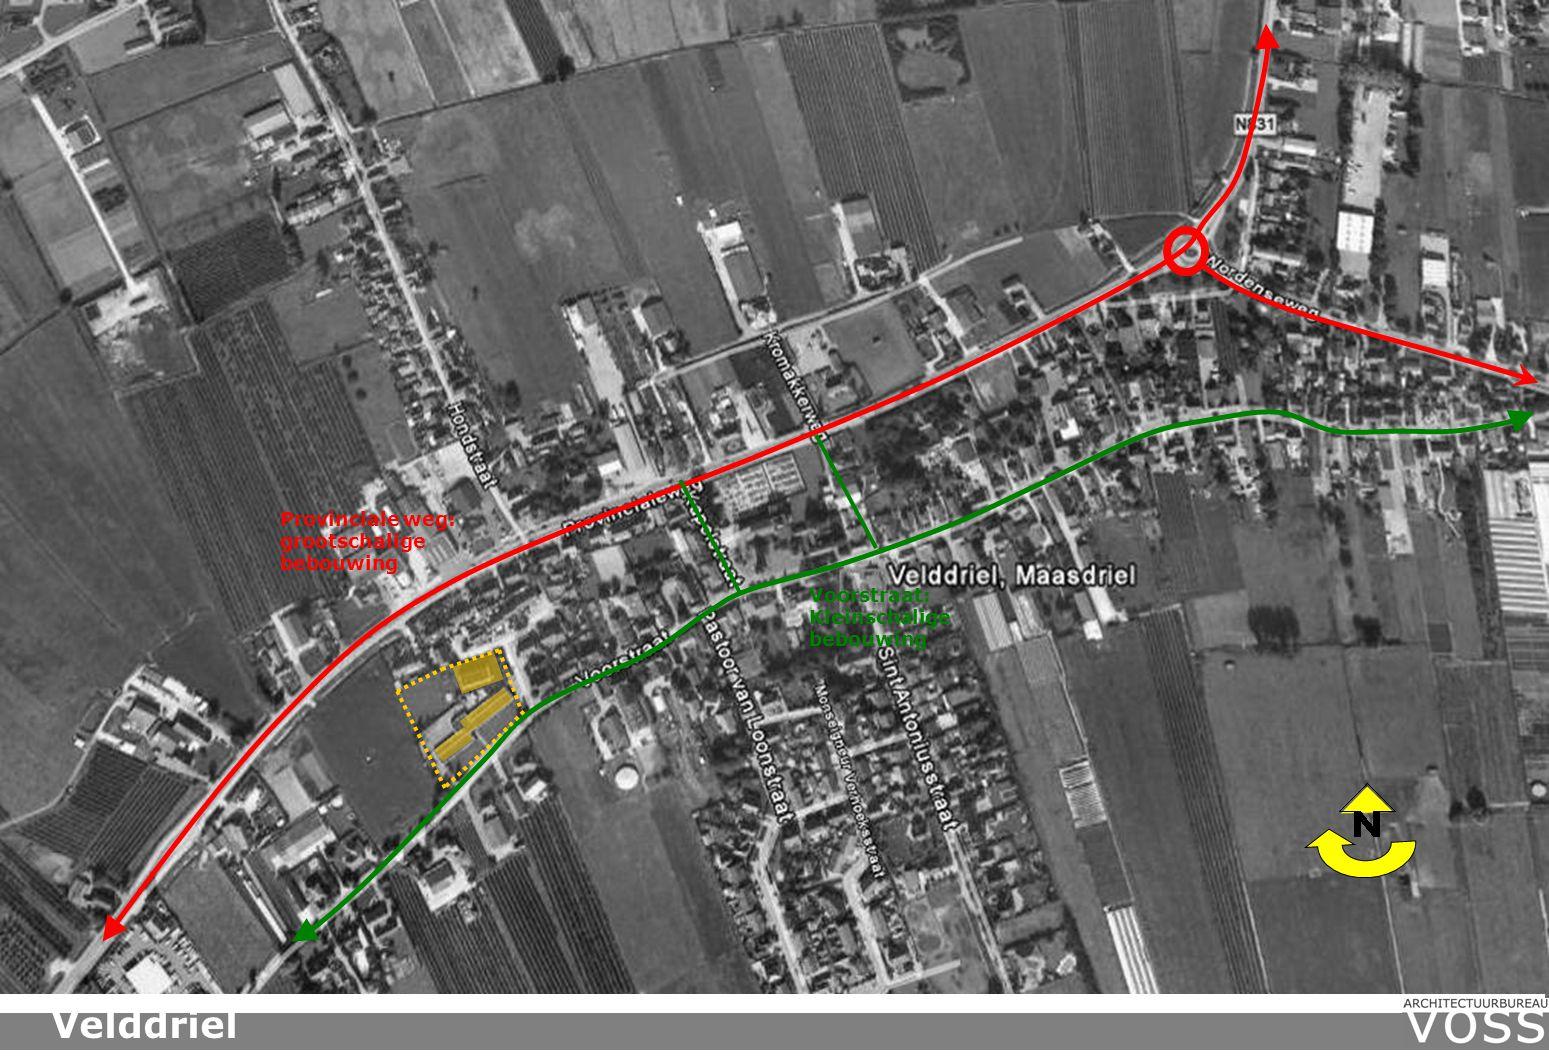 Provinciale weg: grootschalige bebouwing Voorstraat: Kleinschalige bebouwing Velddriel